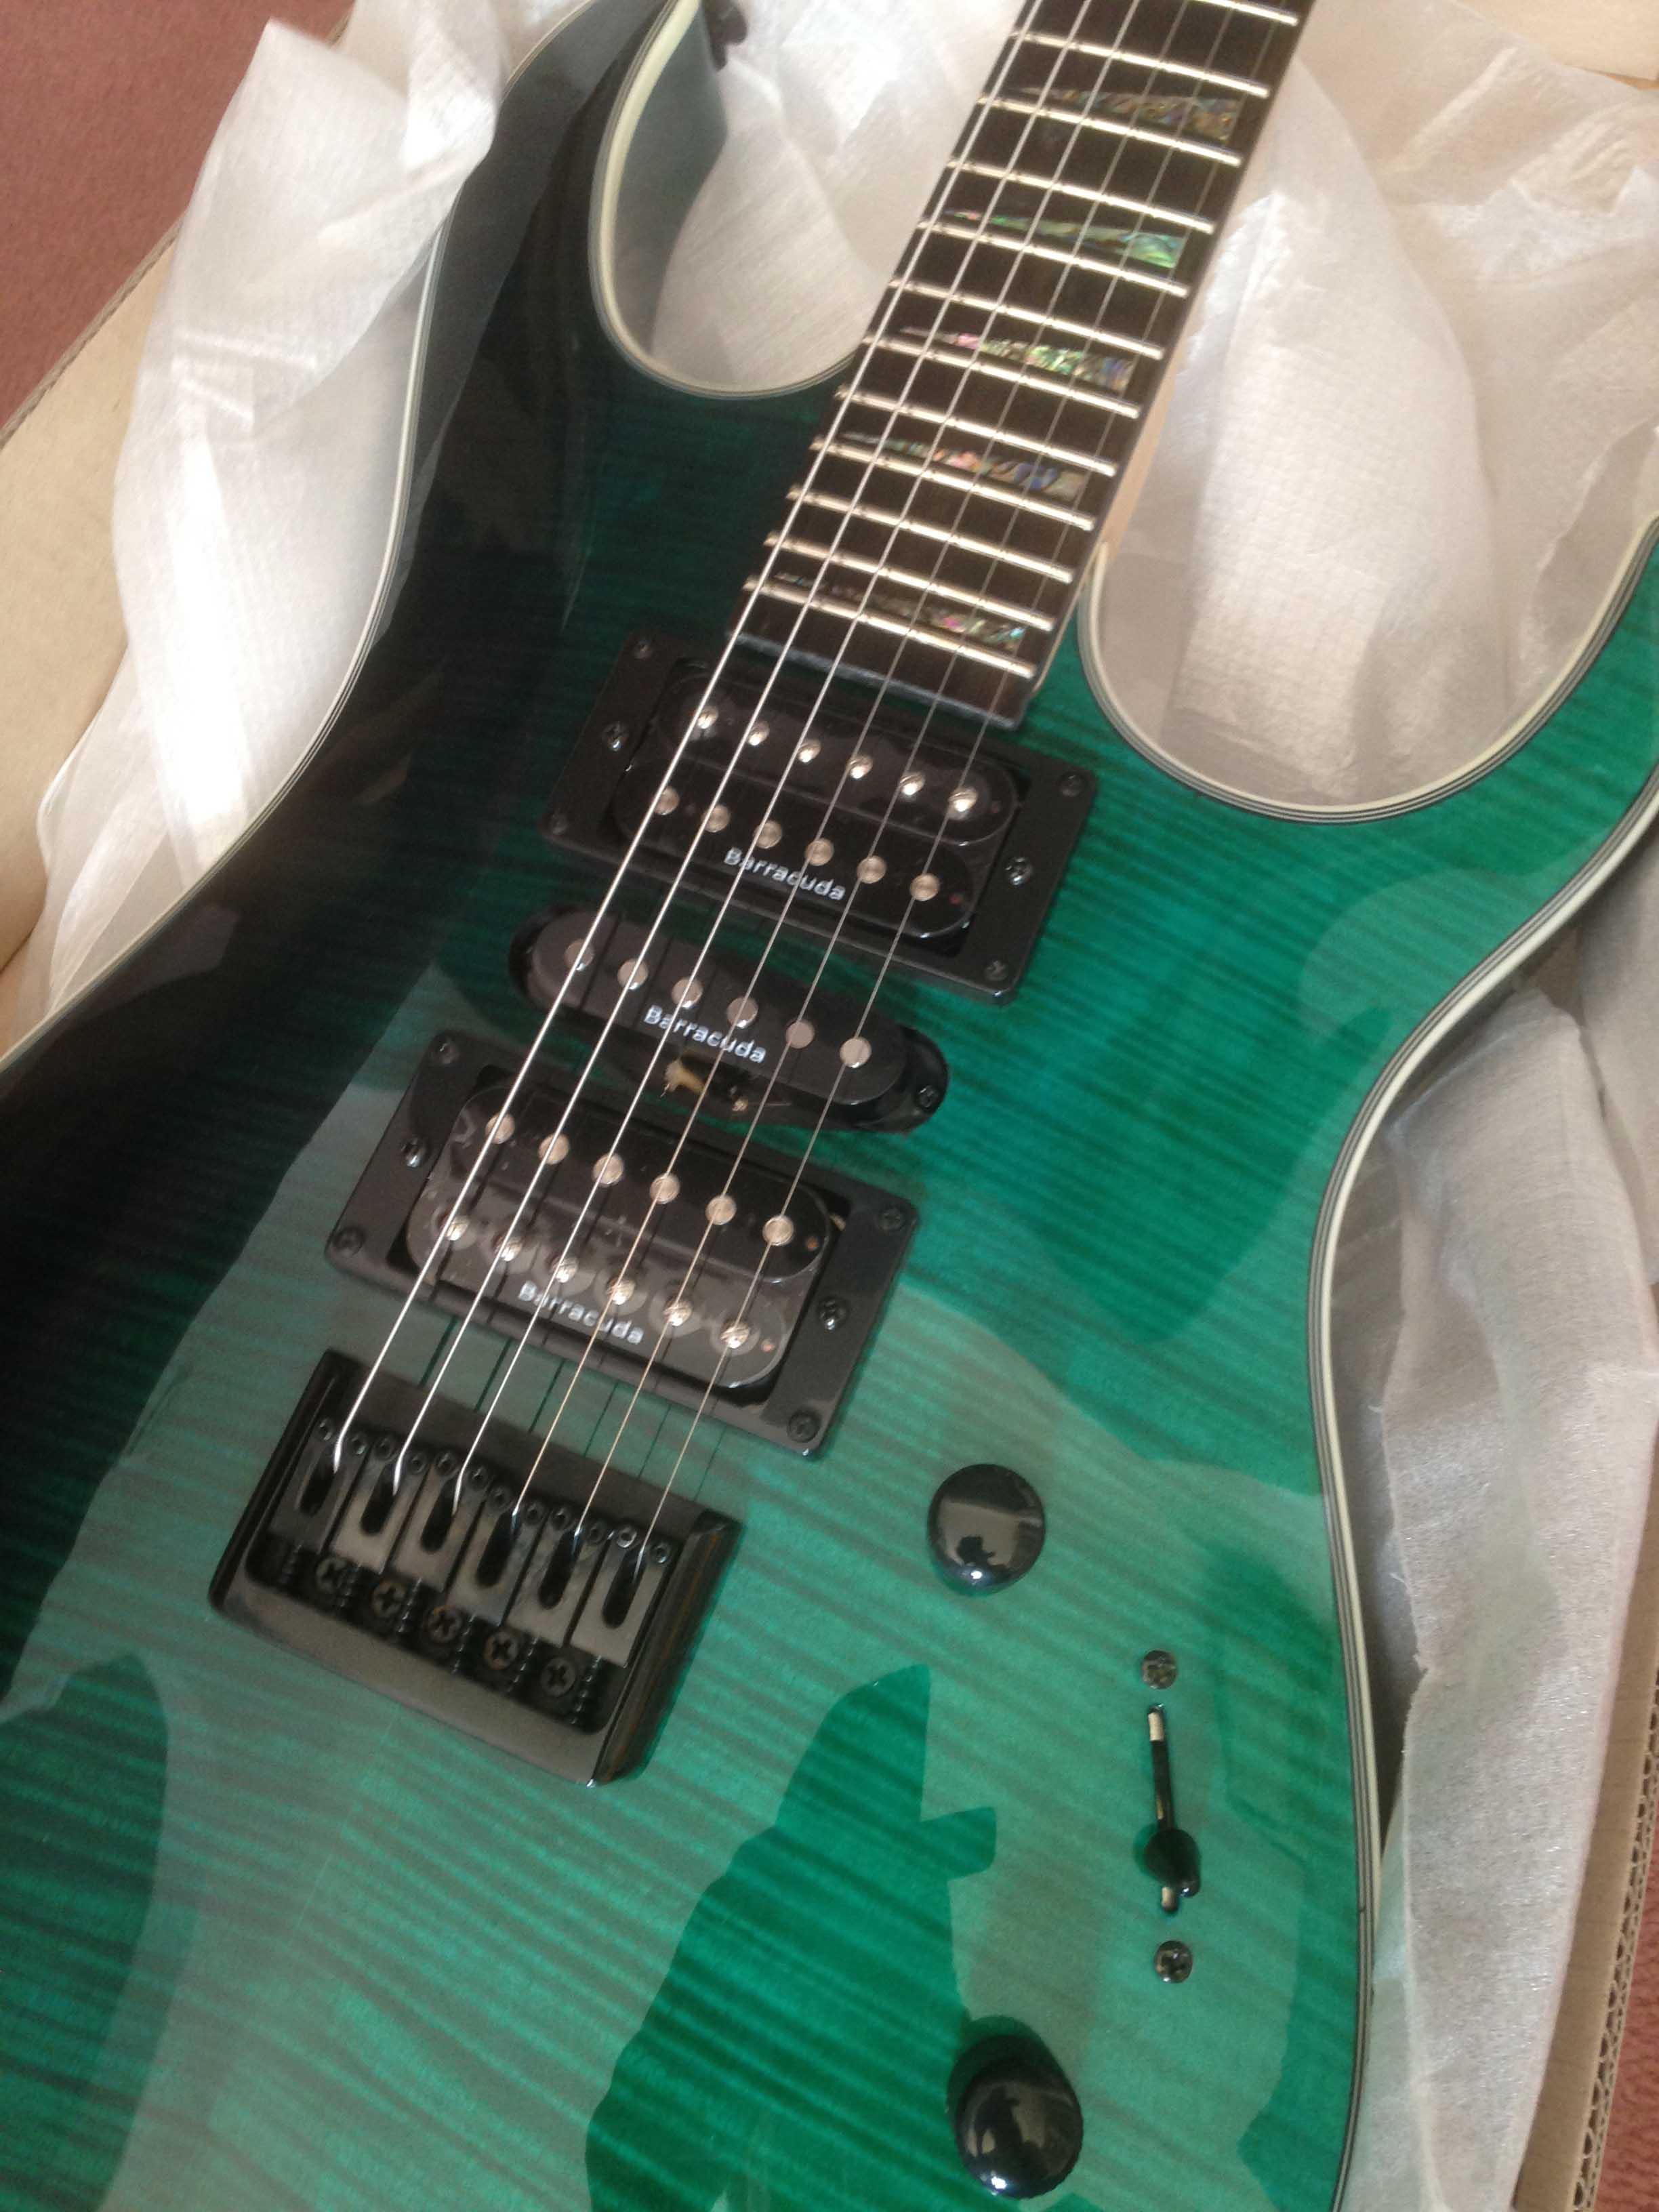 Tempest Black/Emerald